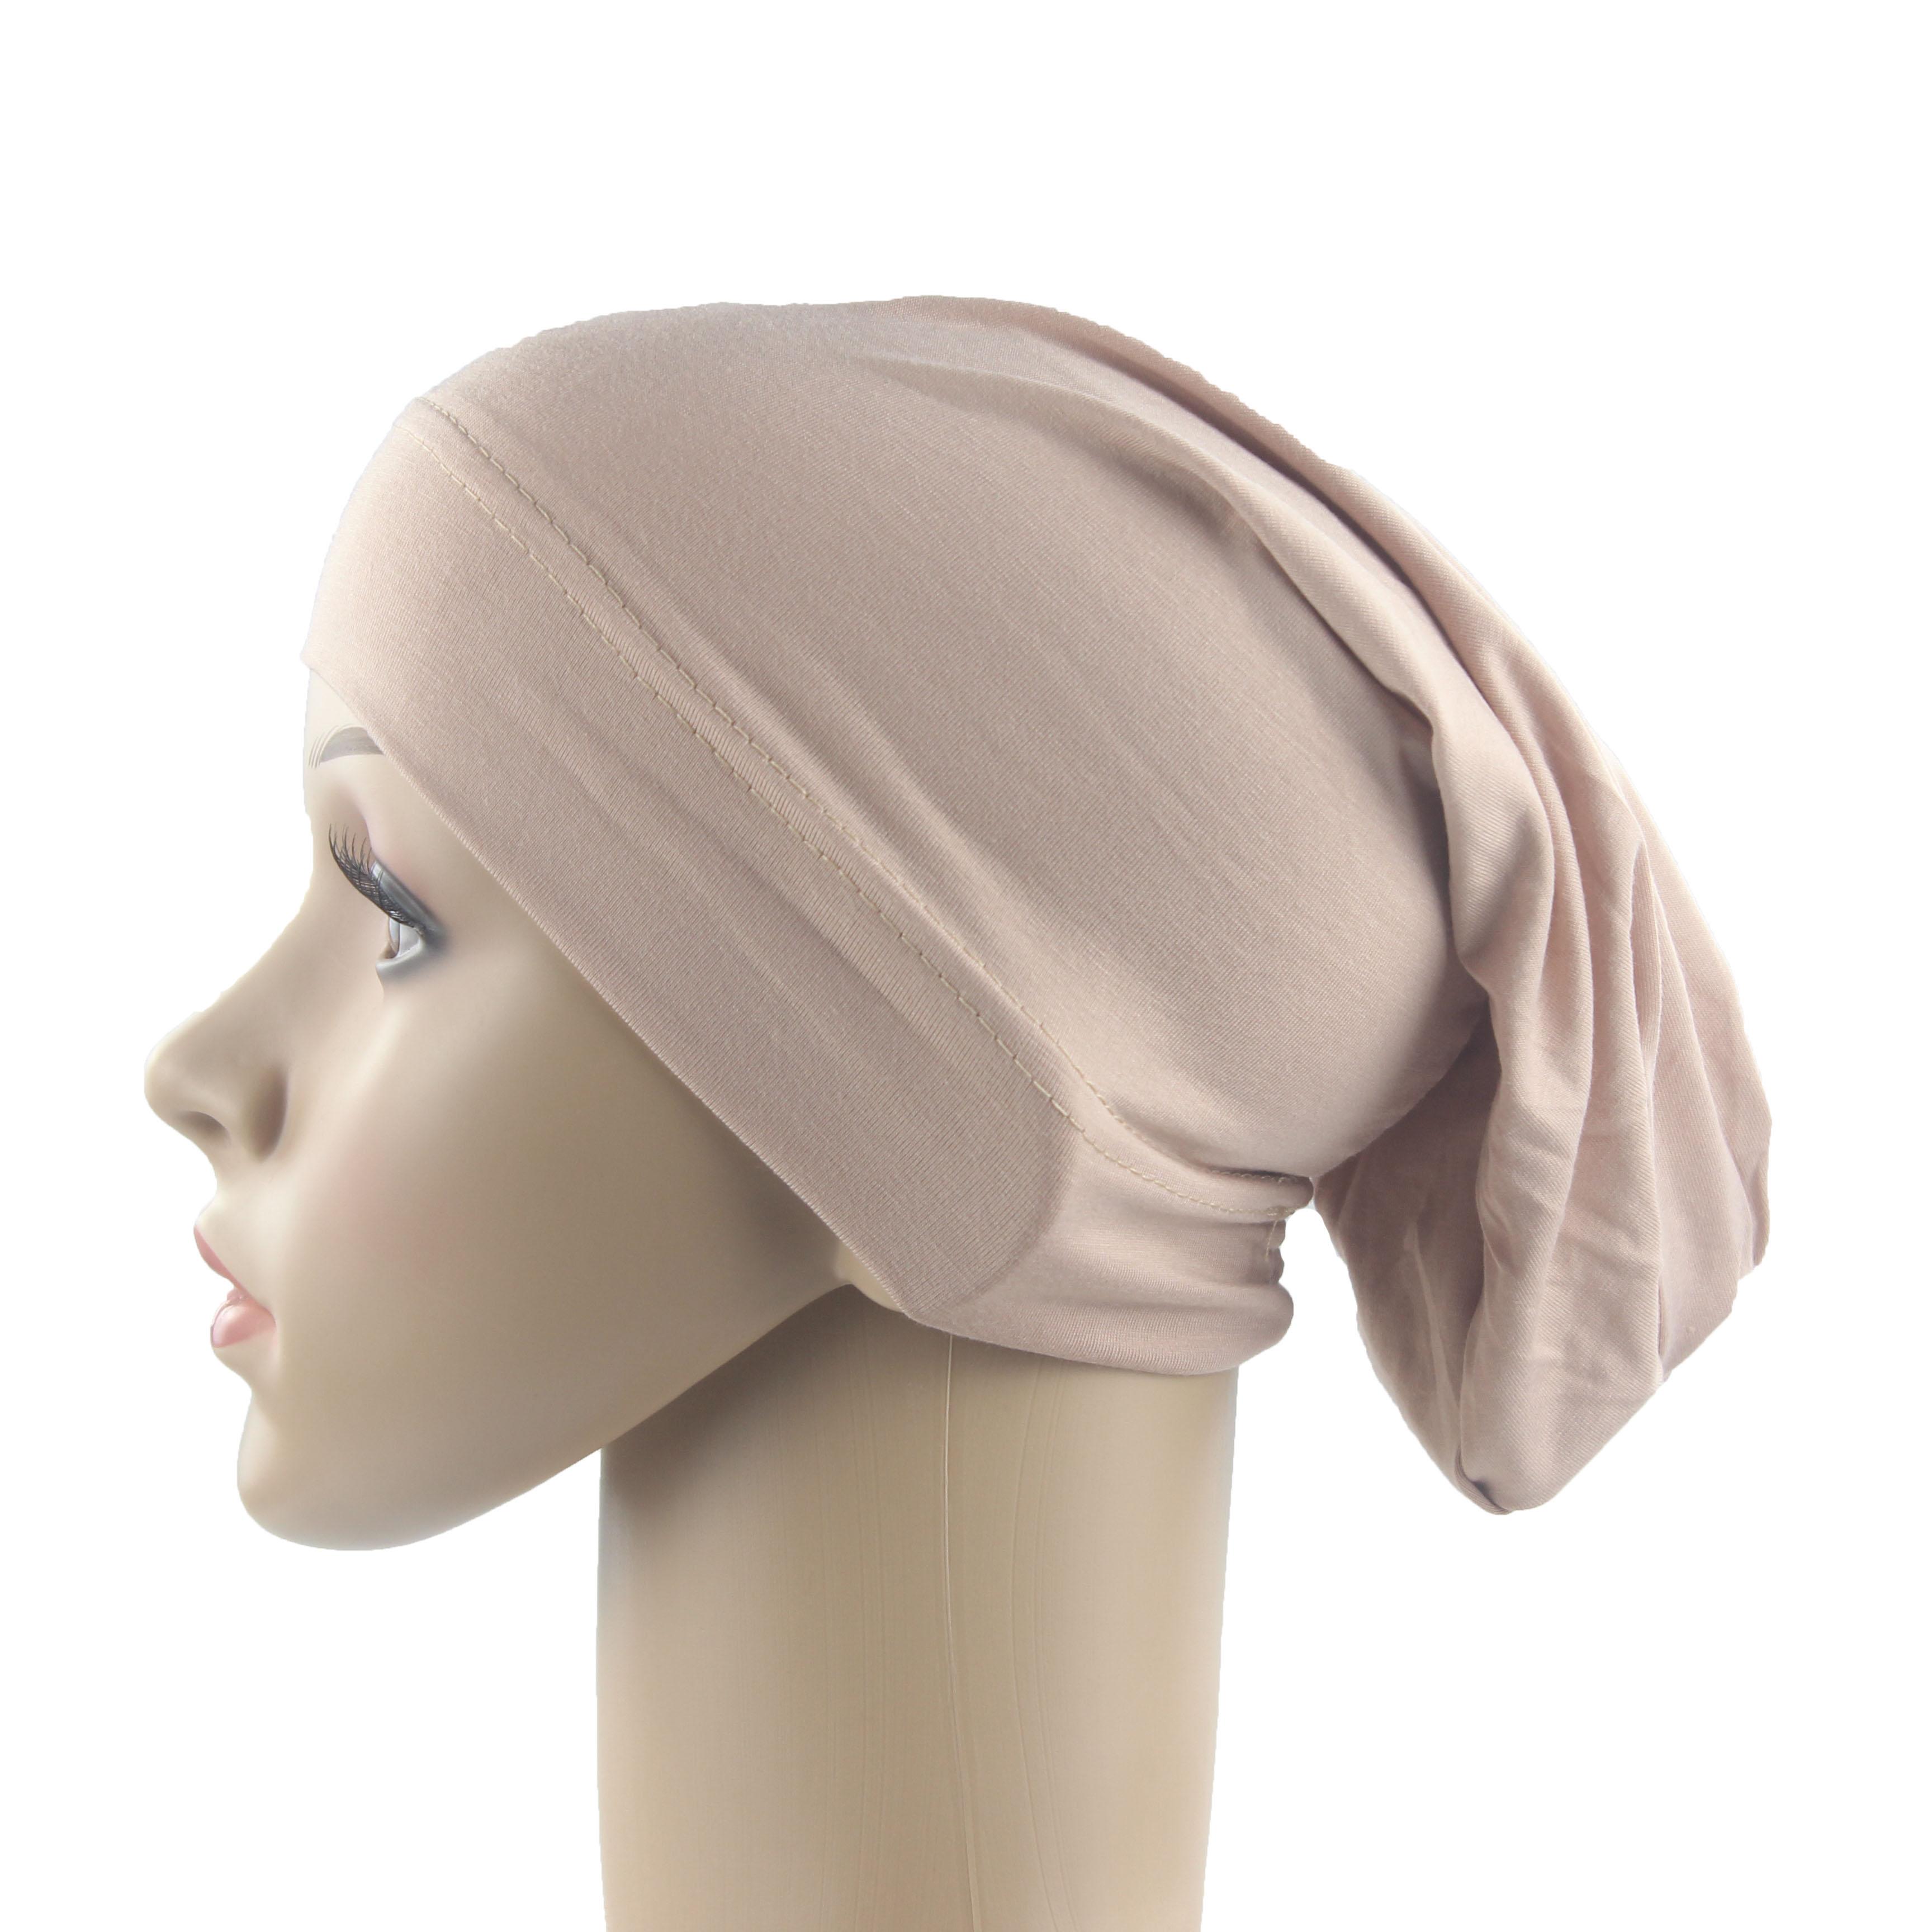 Femmes musulmanes filles écharpe casquette coton respirant  chapeau femmes Turban élastique tissu tête chapeau dames cheveux  accessoires en grosIslamique Vêtements